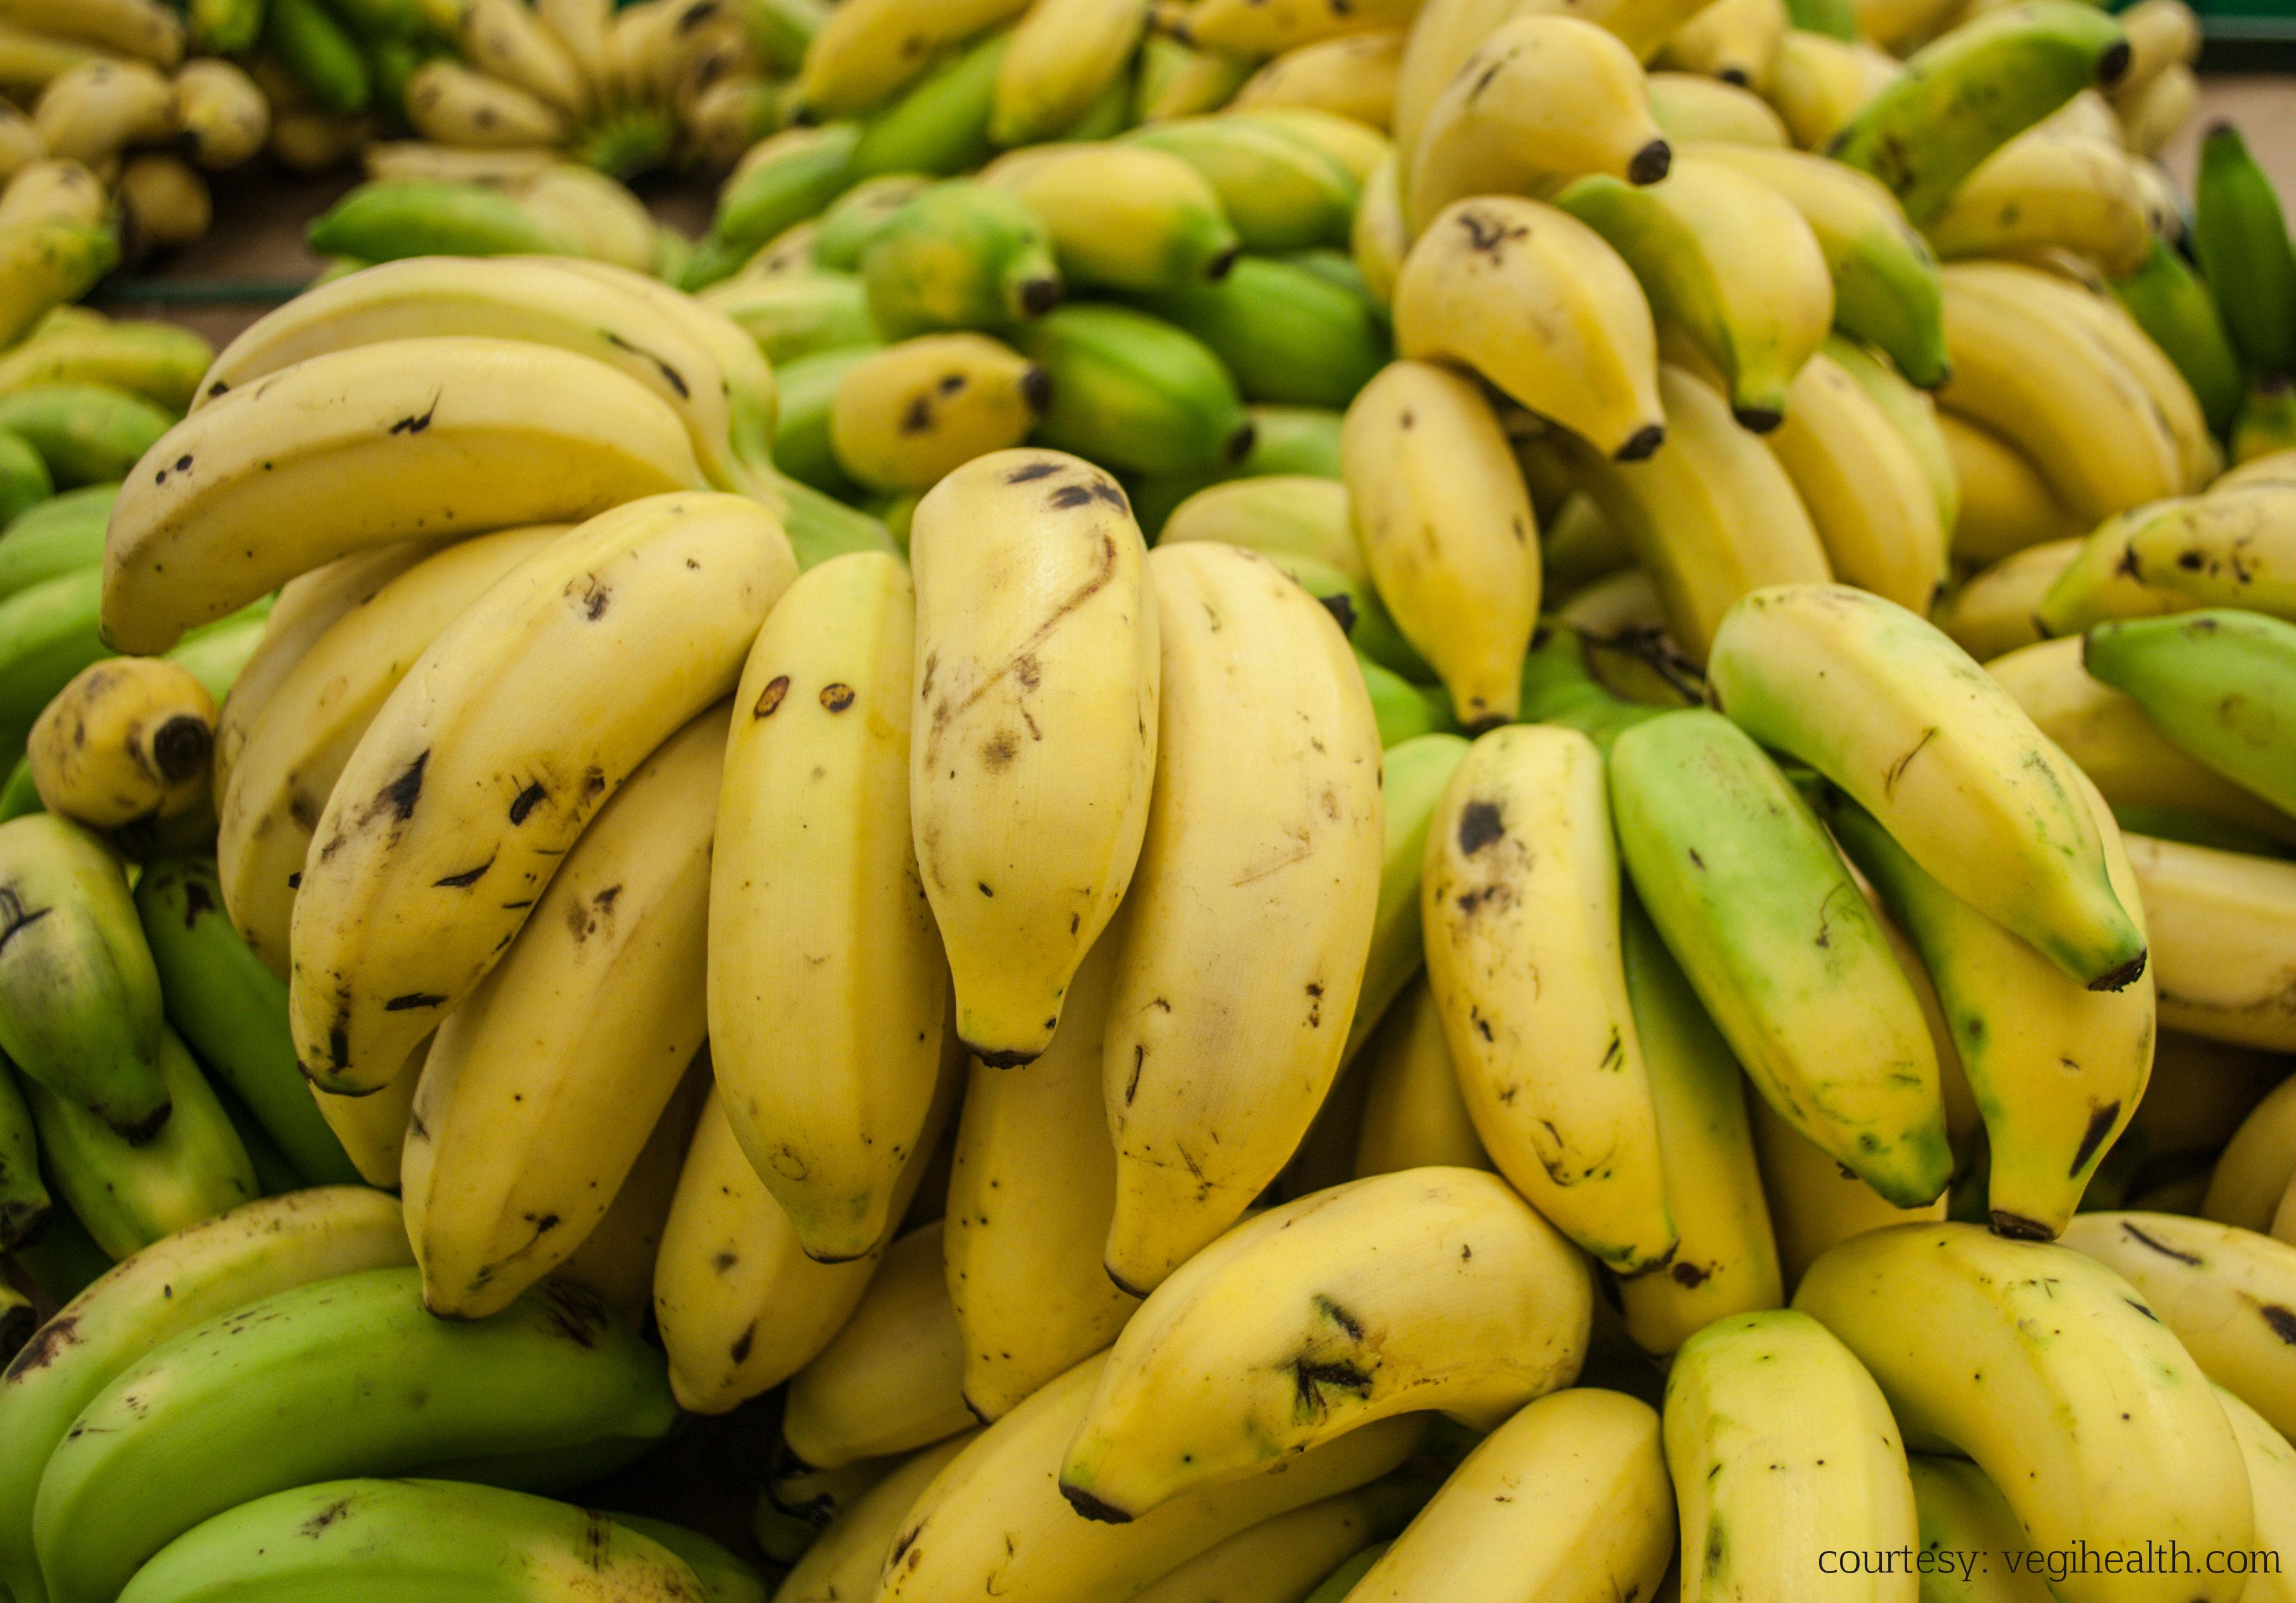 Член в кожуру от банана 3 фотография